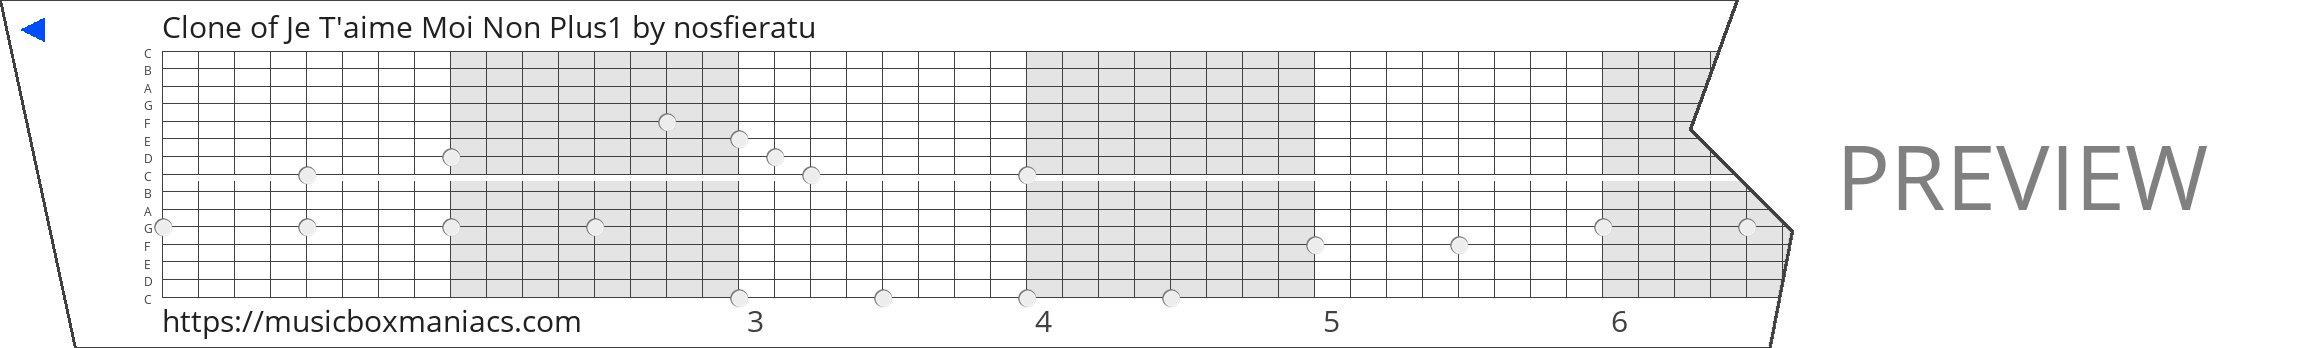 Clone of Je T'aime Moi Non Plus1 15 note music box paper strip